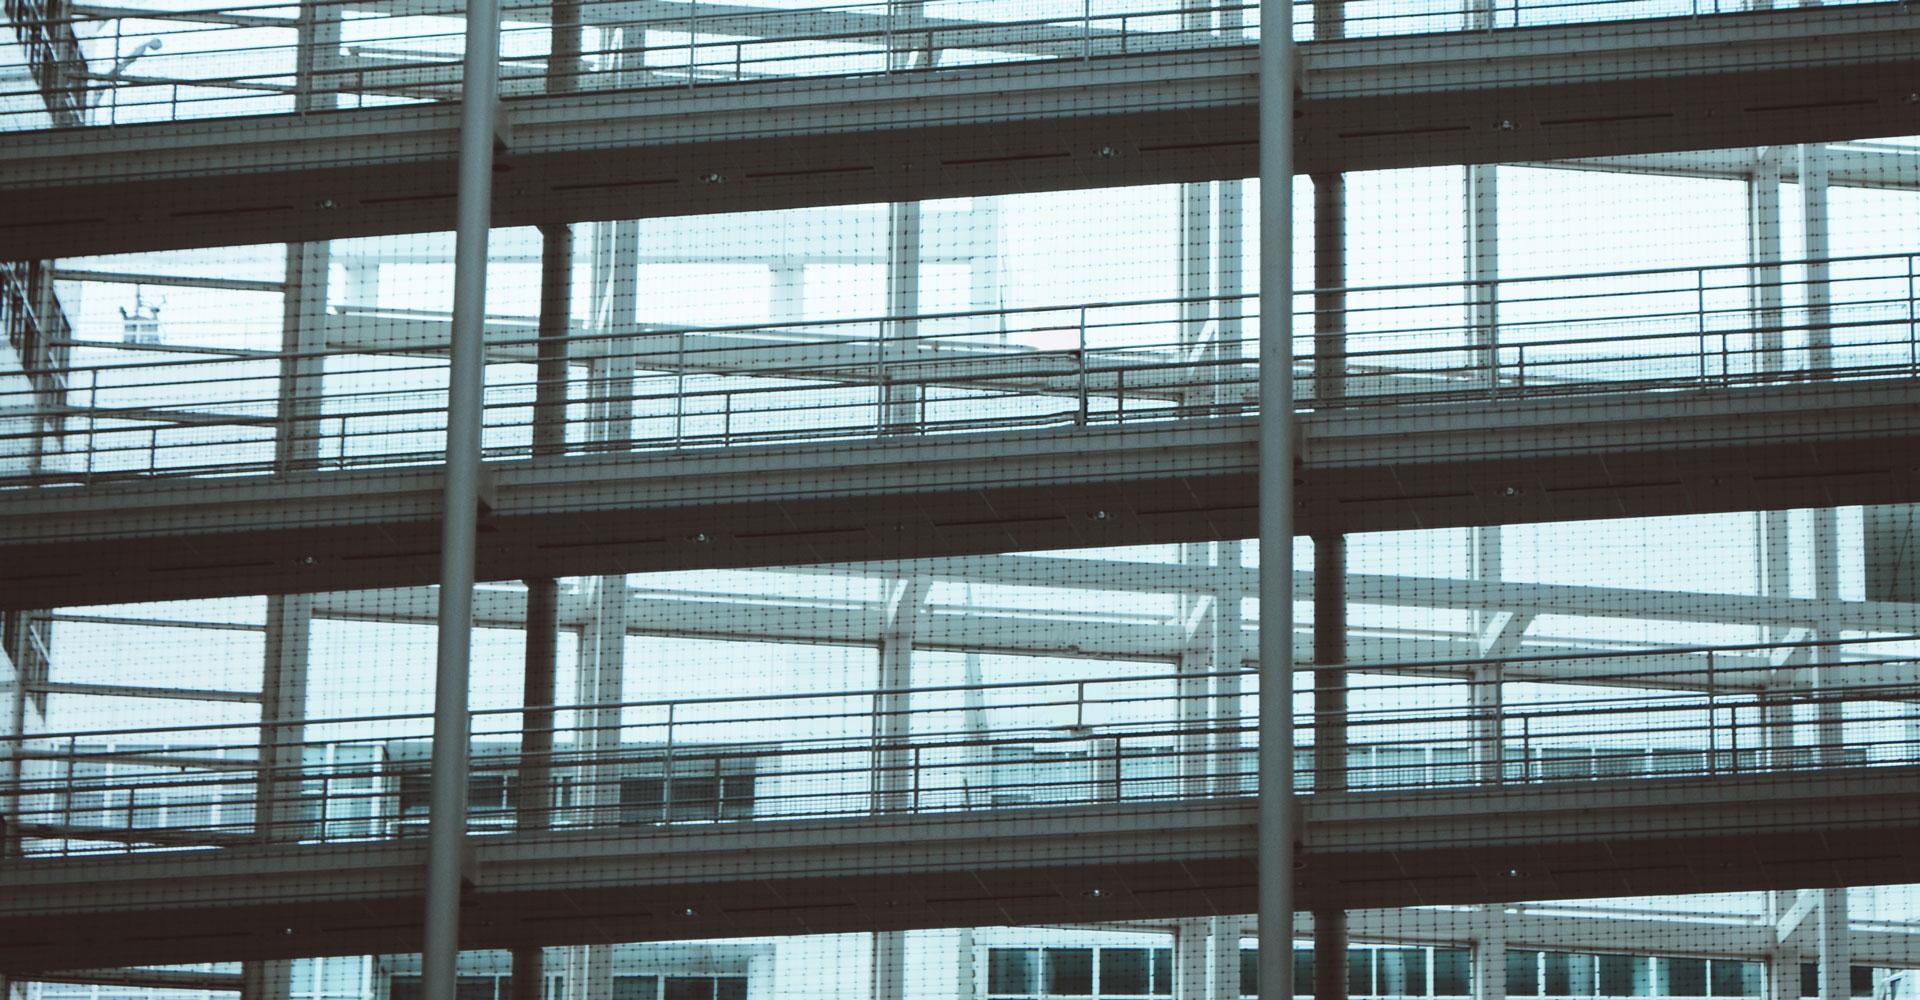 Kvalitets- og risikostyring i revisionsvirksomheder